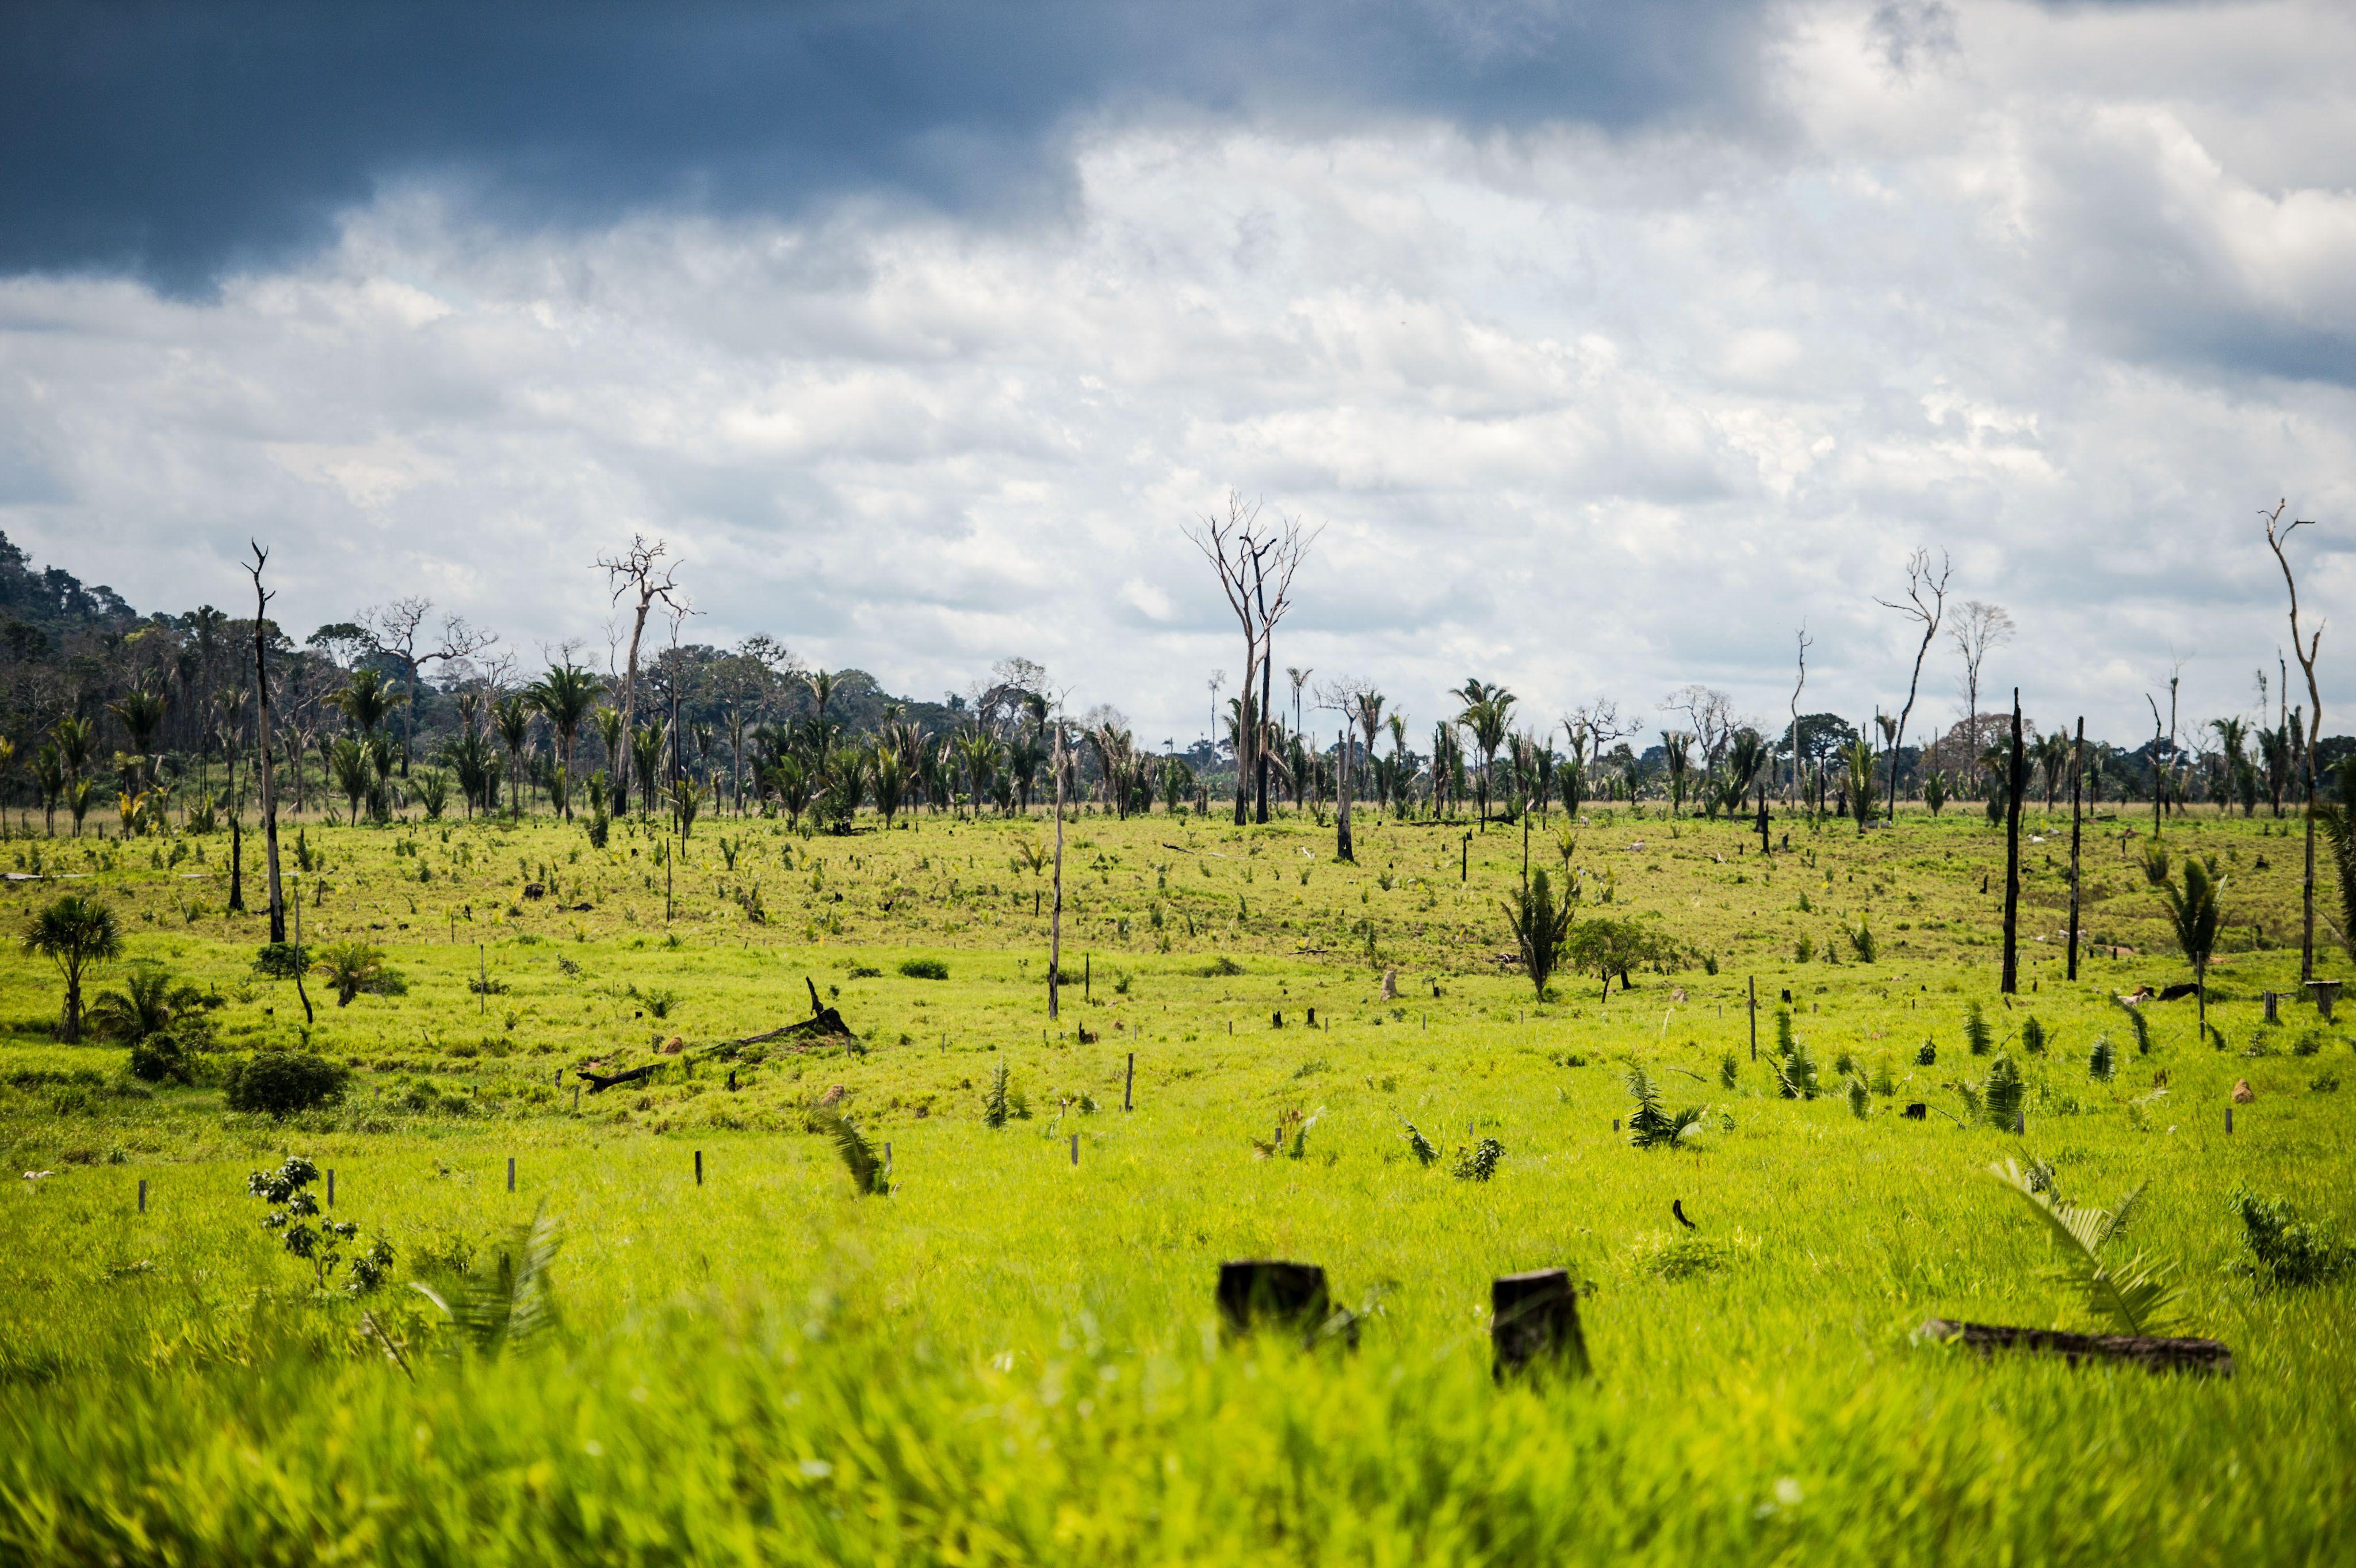 Meio Ambiente - queimada e desmatamento - derrubada árvores madeireira madeira ilegal